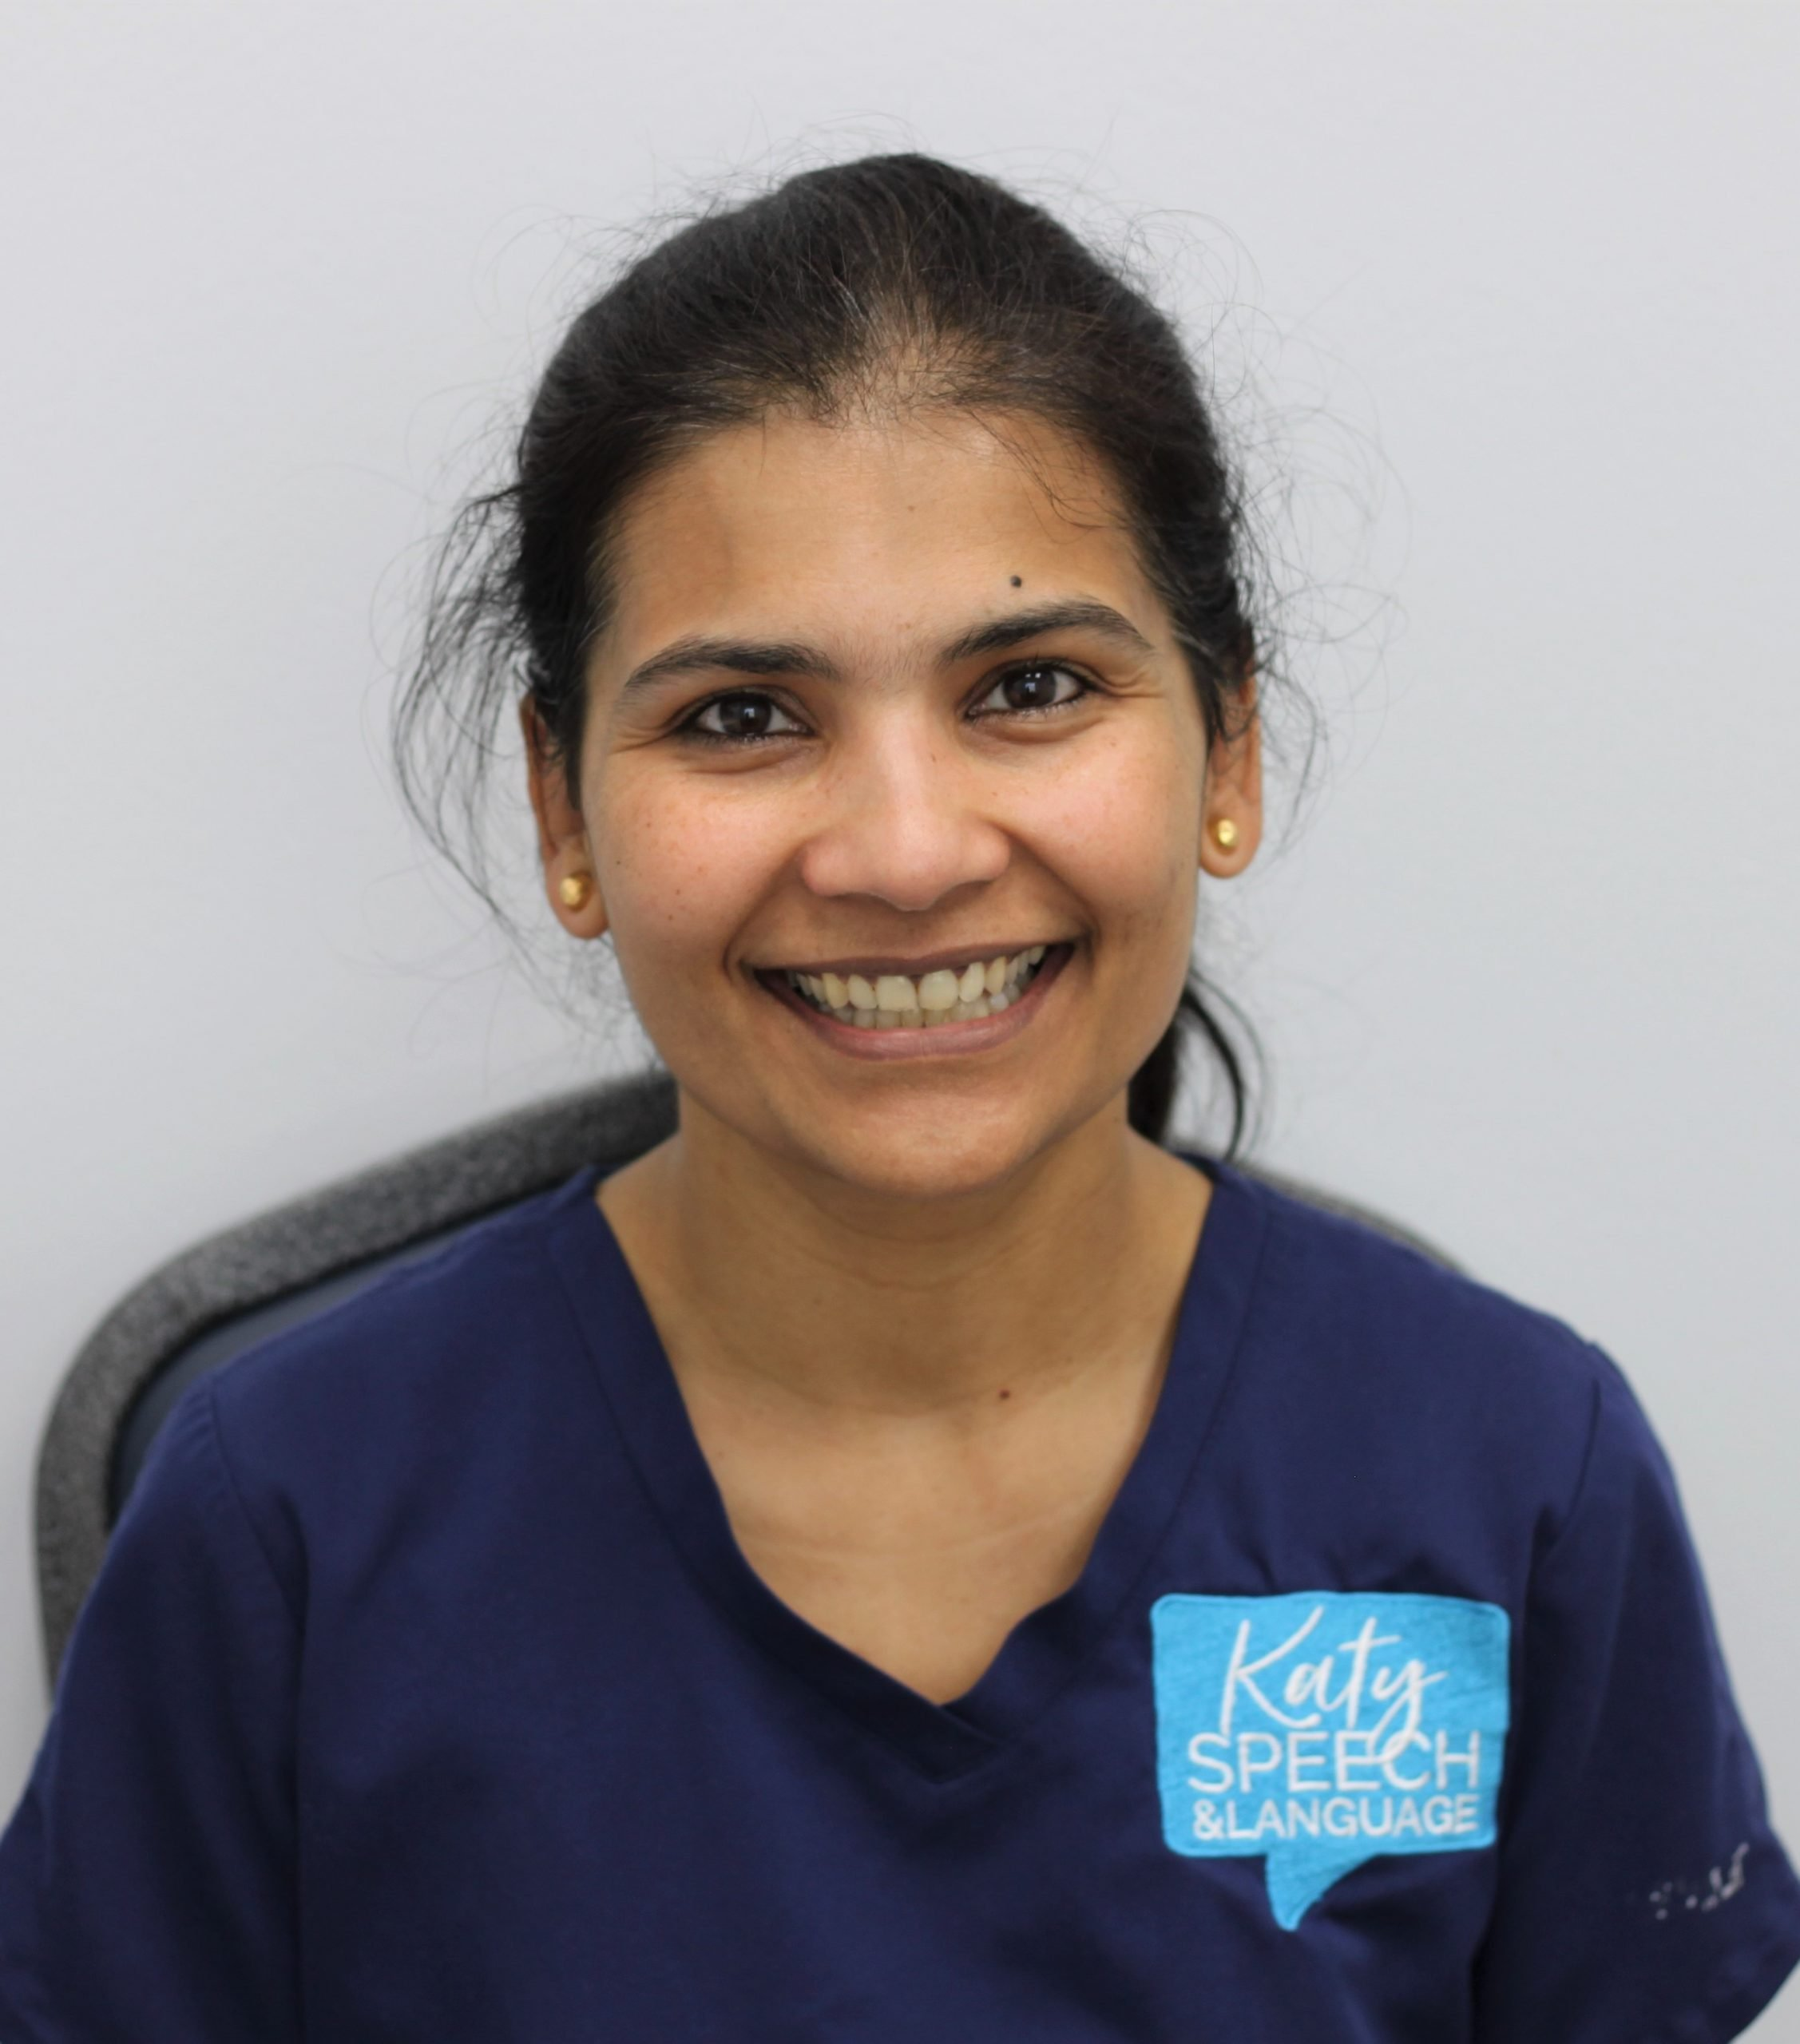 katy-speech-pathologist-alyssa-fairchild